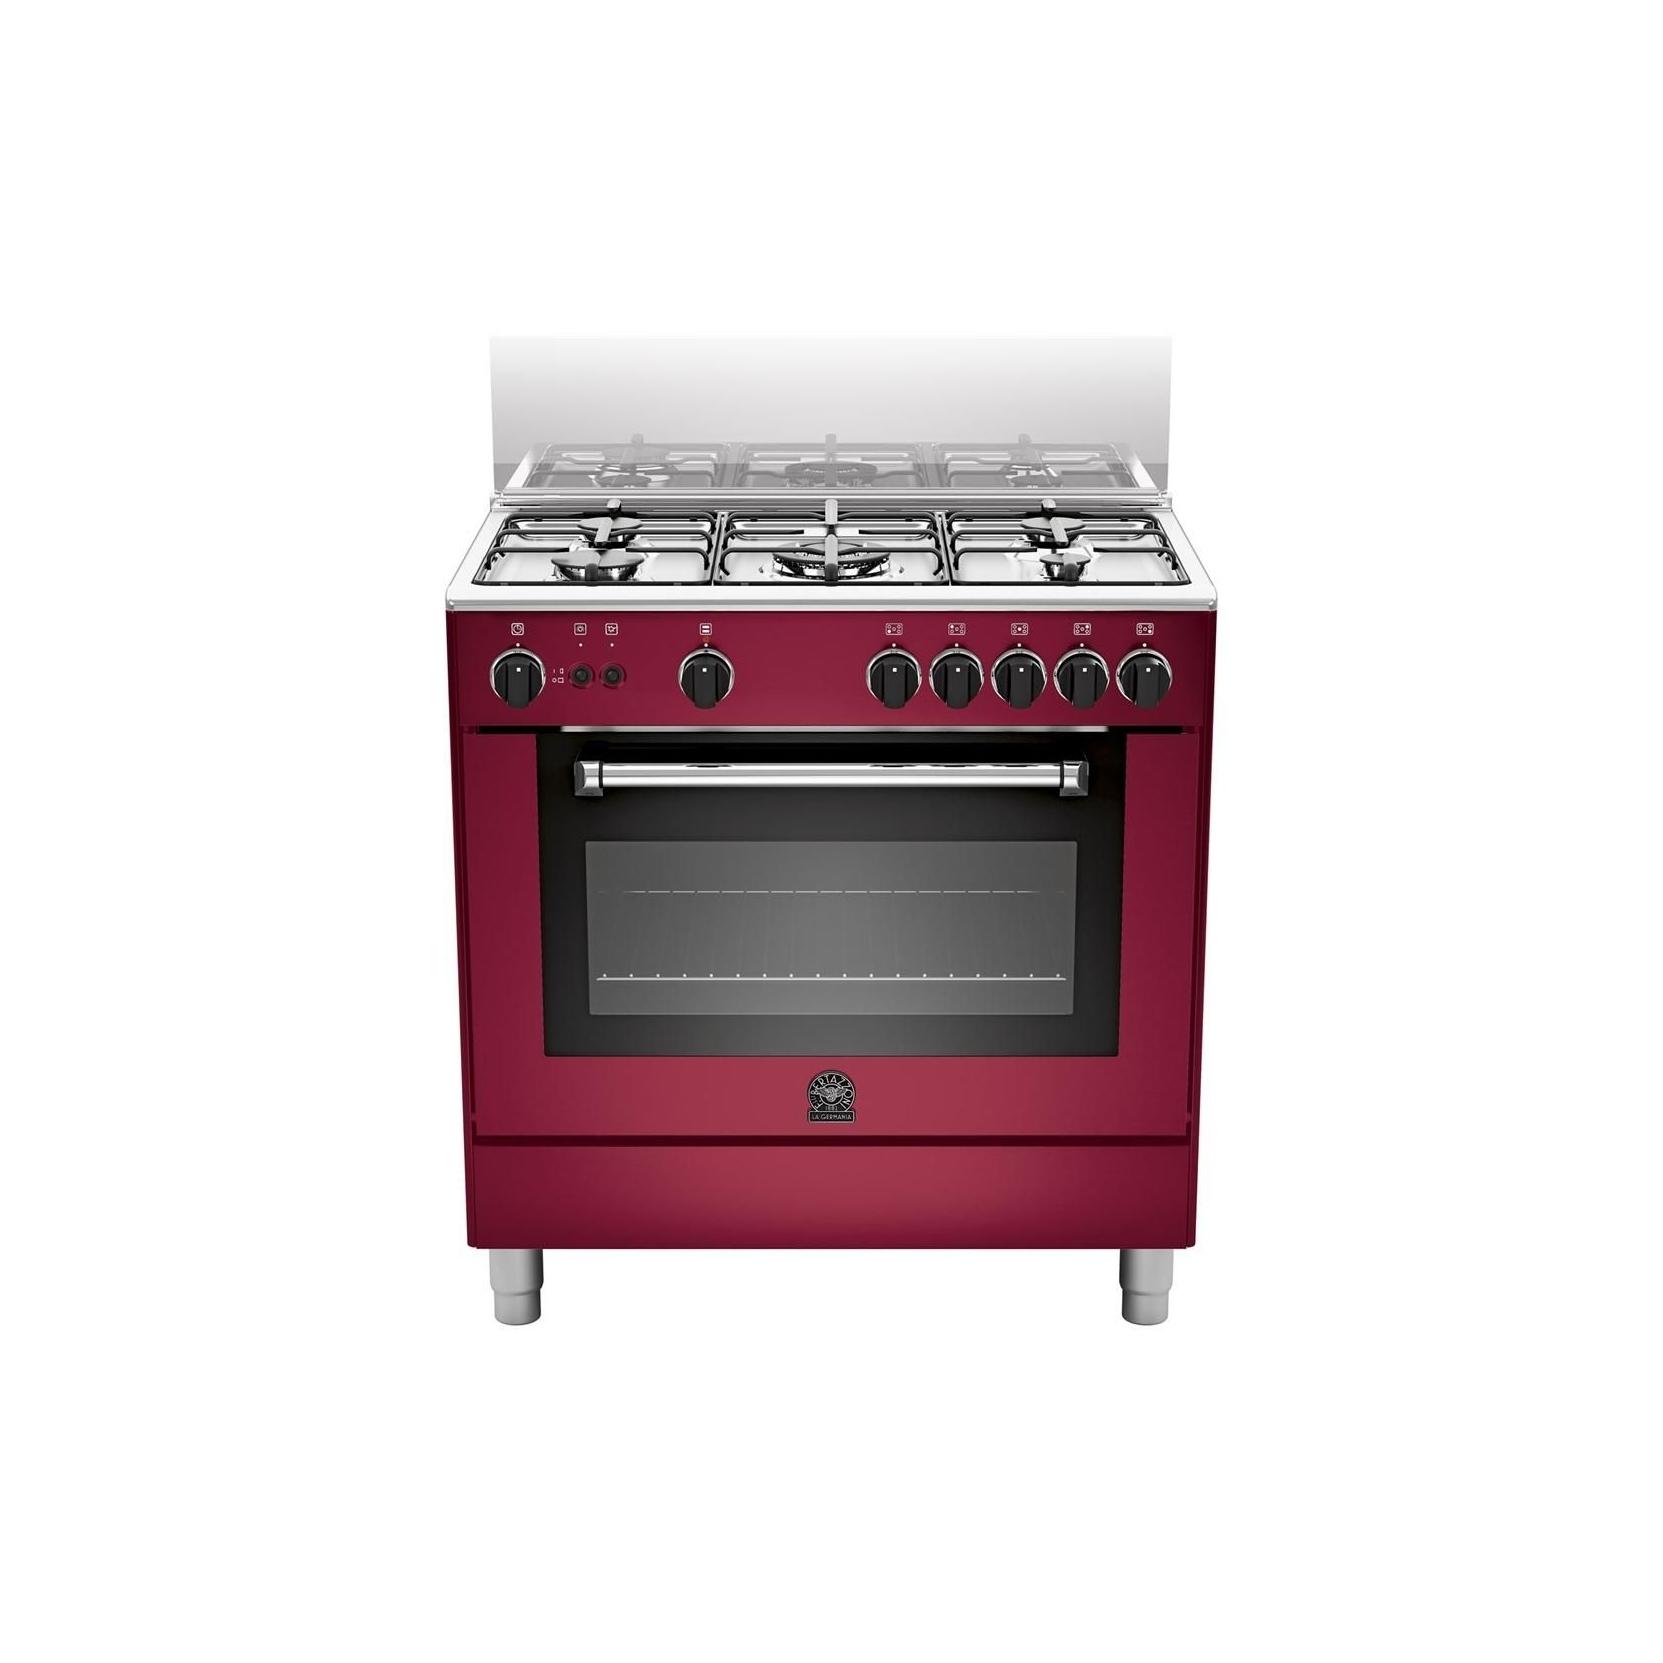 Cucina a gas la germania am85c71cvi 5 fuochi a gas forno a gas 80x50 cm colore vino elettrovillage - Cucina con forno a gas ventilato ...